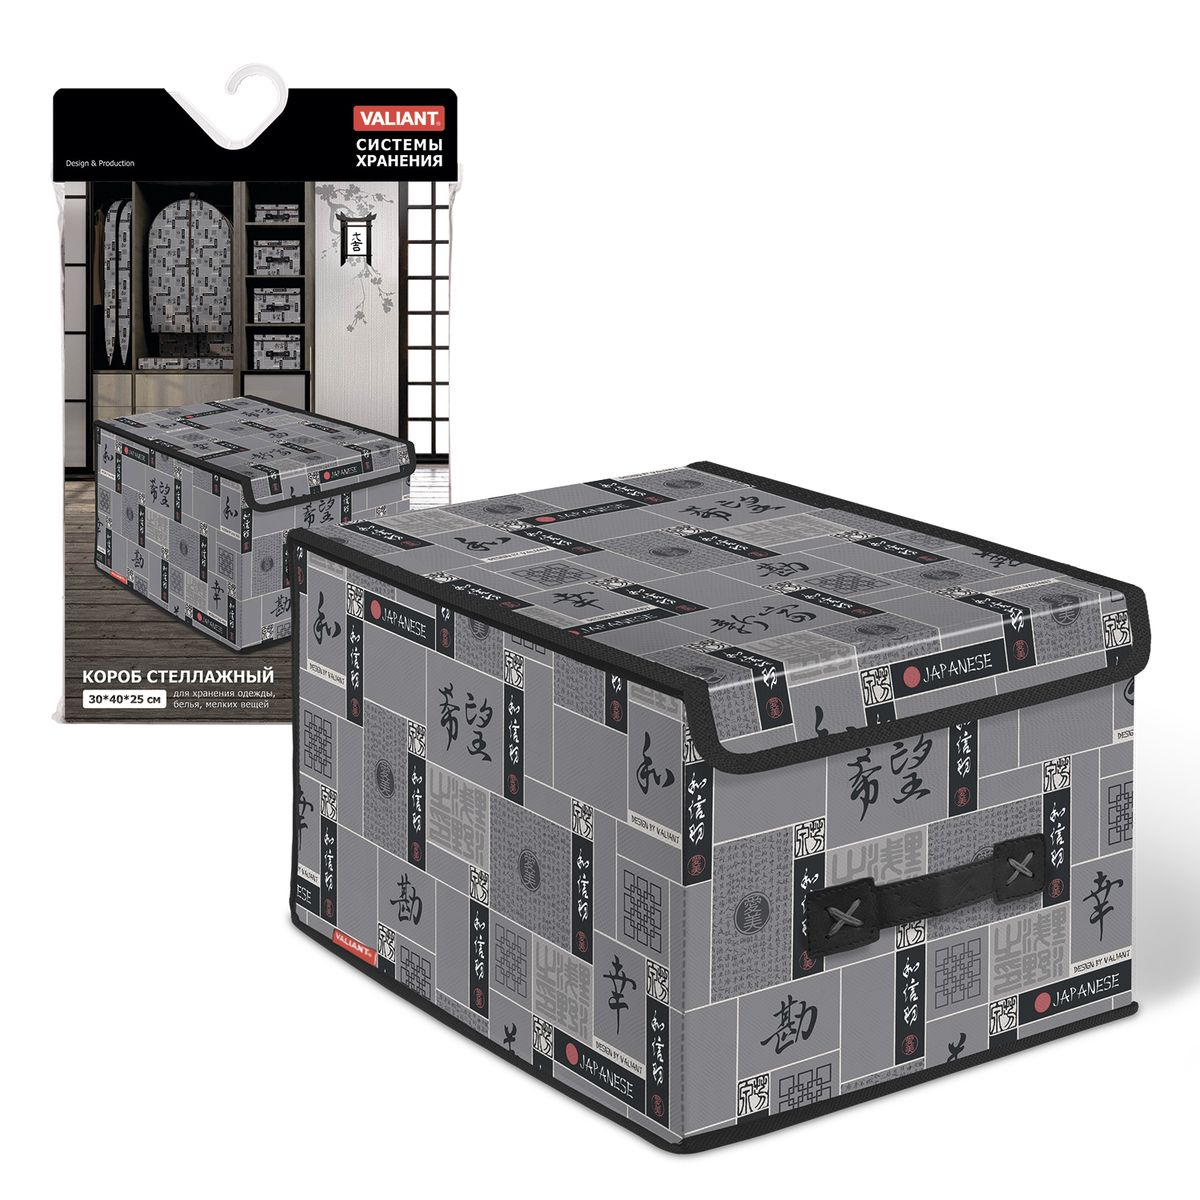 Короб стеллажный Valiant Japanese Black, с крышкой, 30 х 40 х 25 смPR-2WСтеллажный короб Valiant Japanese Black изготовлен из высококачественного нетканого материала, который обеспечивает естественную вентиляцию, позволяя воздуху проникать внутрь, но не пропускает пыль. Вставки из плотного картона хорошо держат форму. Короб снабжен специальной крышкой, которая фиксируется с помощью двух магнитов. Изделие отличается мобильностью: легко раскладывается и складывается. В таком коробе удобно хранить одежду, белье и мелкие аксессуары.Красивый авторский дизайн прекрасно впишется в интерьер женского гардероба и создаст трогательную атмосферу романтического настроения. Оригинальный дизайн придется по вкусу ценительницам эстетичного хранения. Системы хранения в едином дизайне сделают вашу гардеробную изысканной и невероятно стильной.